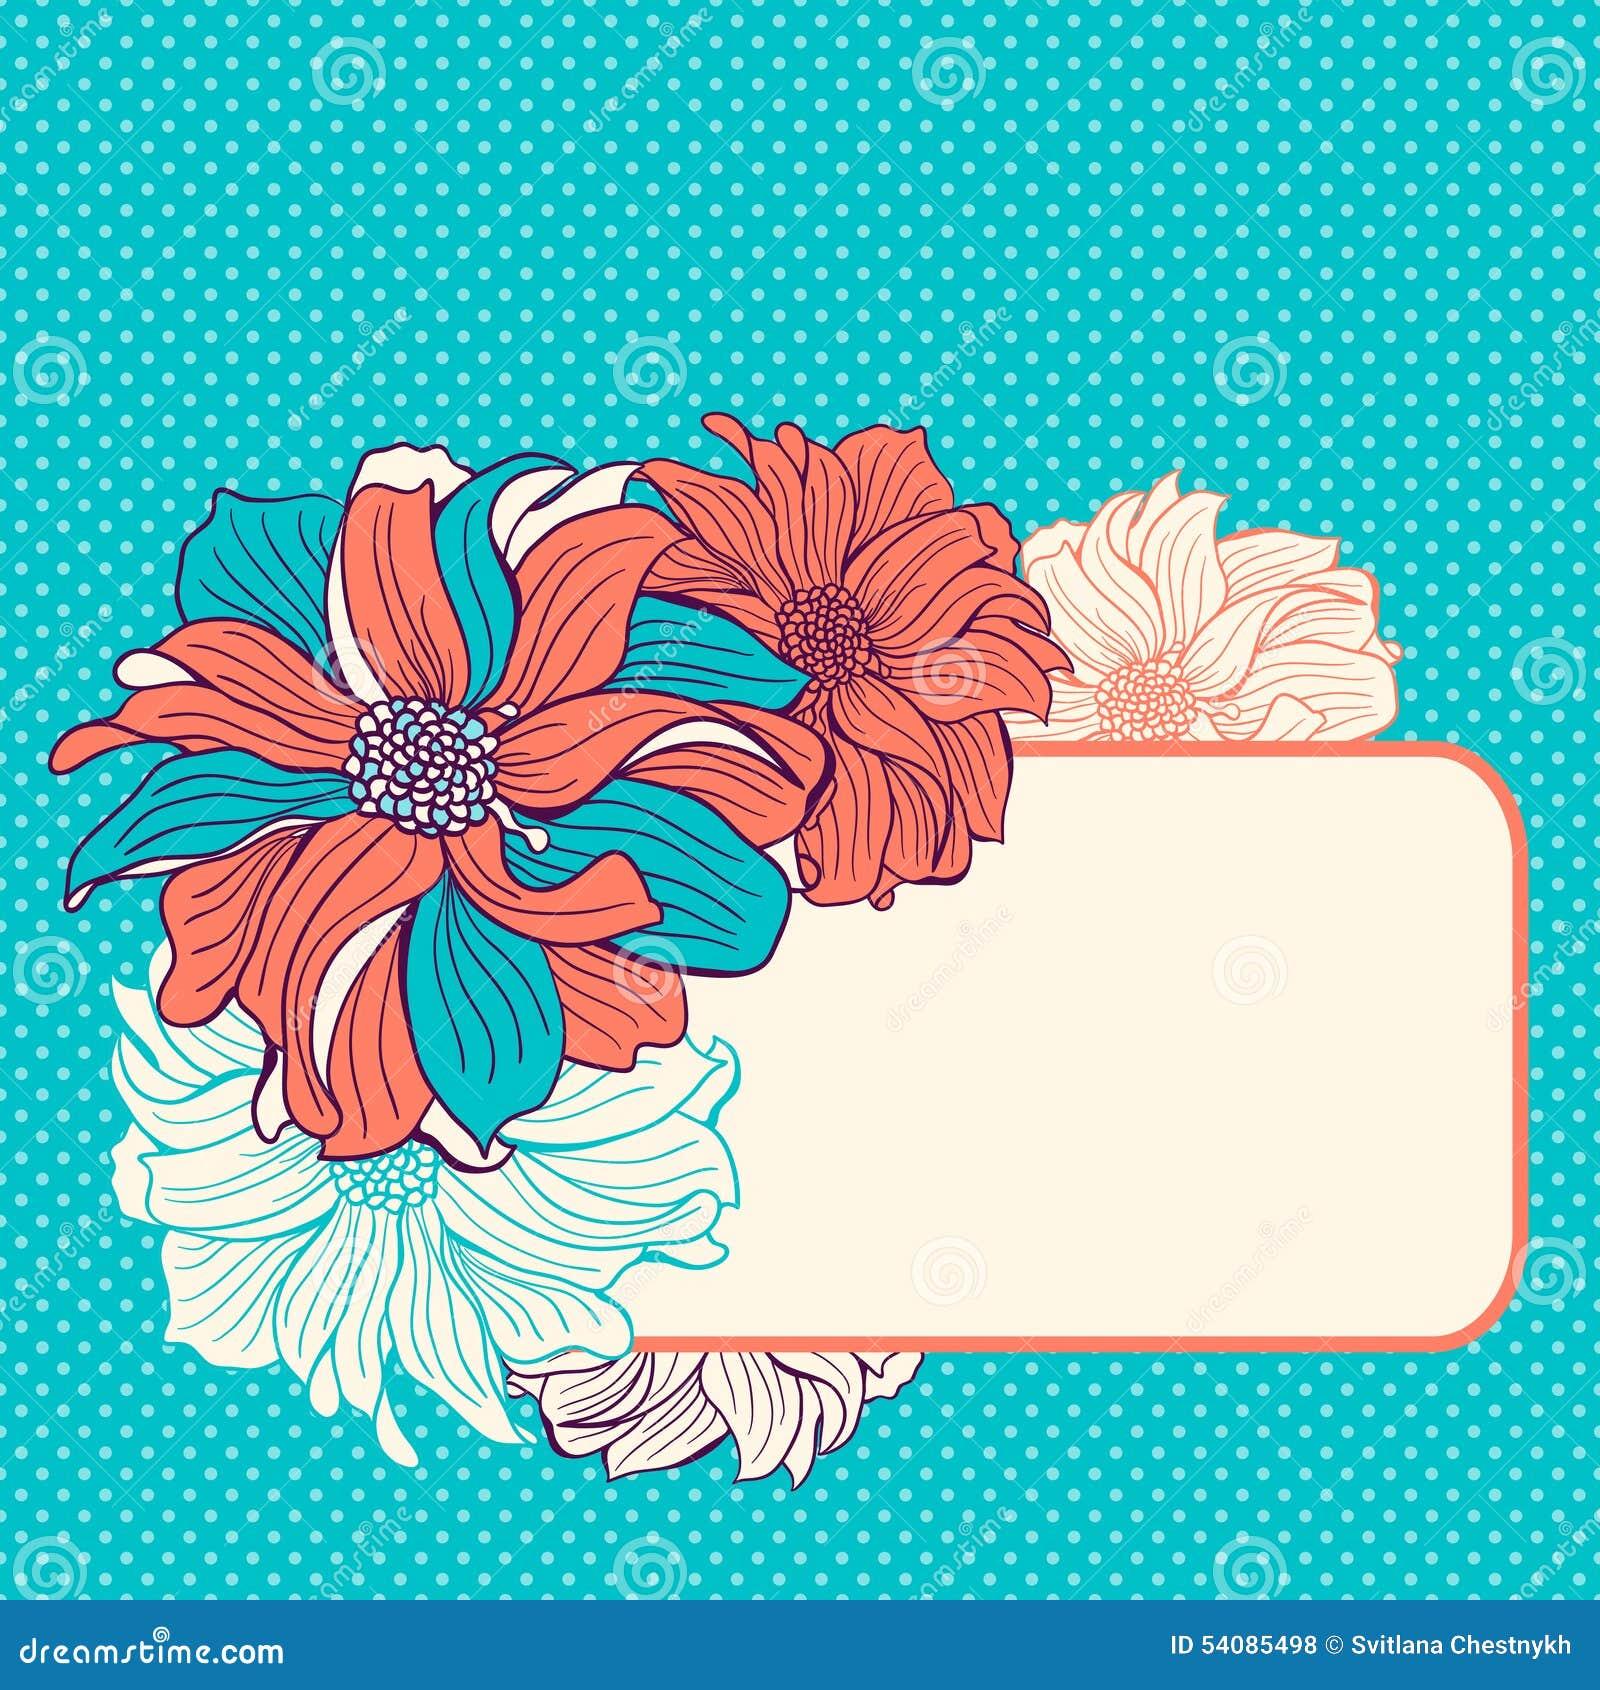 De kaart van de groet met hand-drawn bloemen